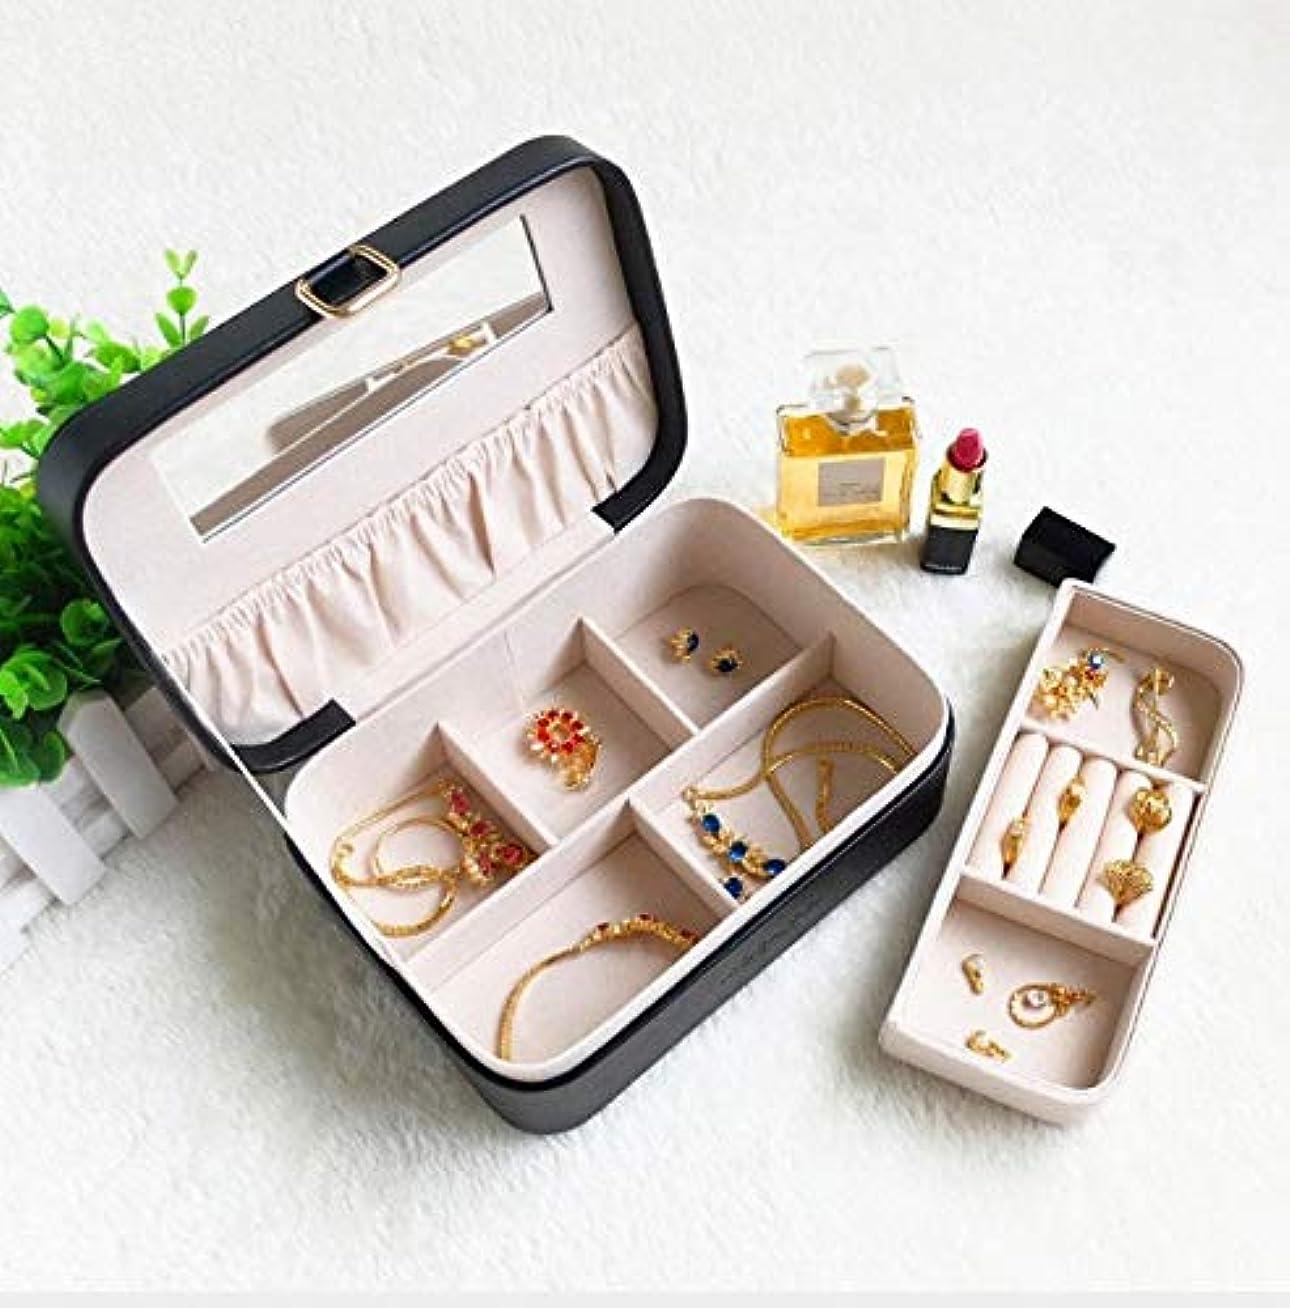 アラスカキャビンつなぐ化粧箱、レトロ化粧品防水ミラー化粧ケース、ポータブルトラベル化粧品バッグ収納袋、美容ジュエリー収納ボックス (Color : ブラック)